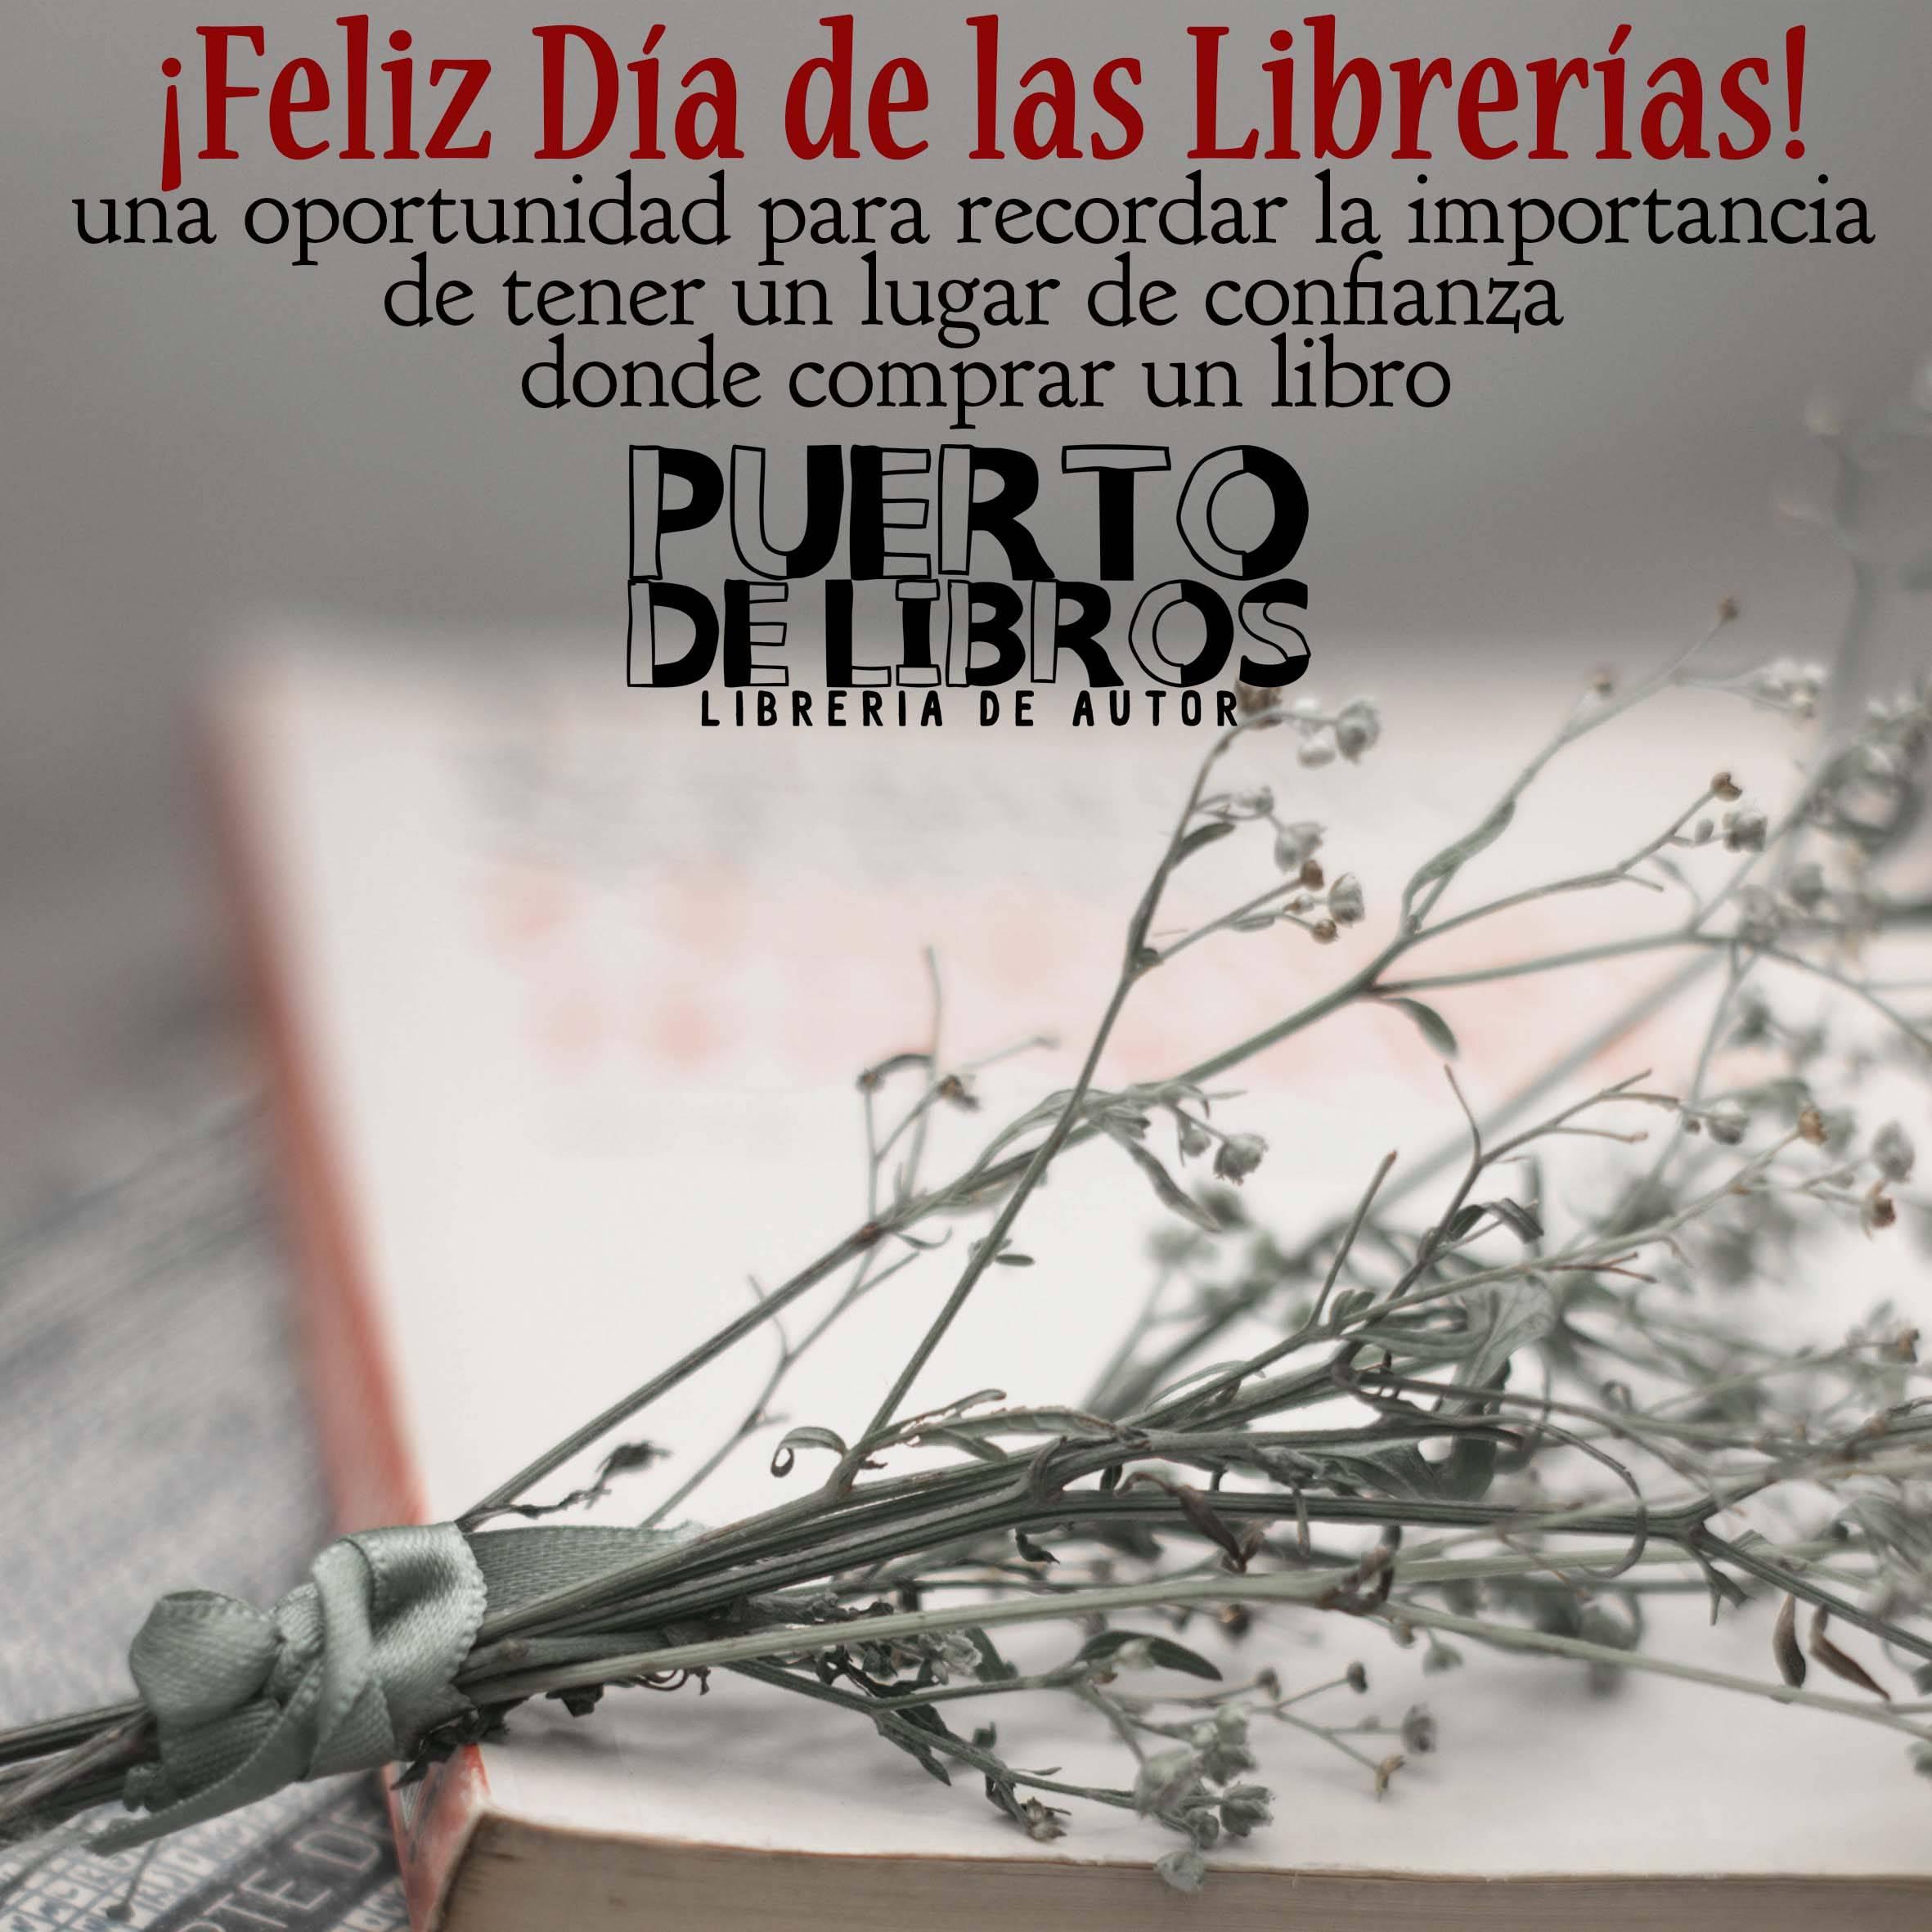 Día Internacional de las Librerías #DíadelasLibrerías